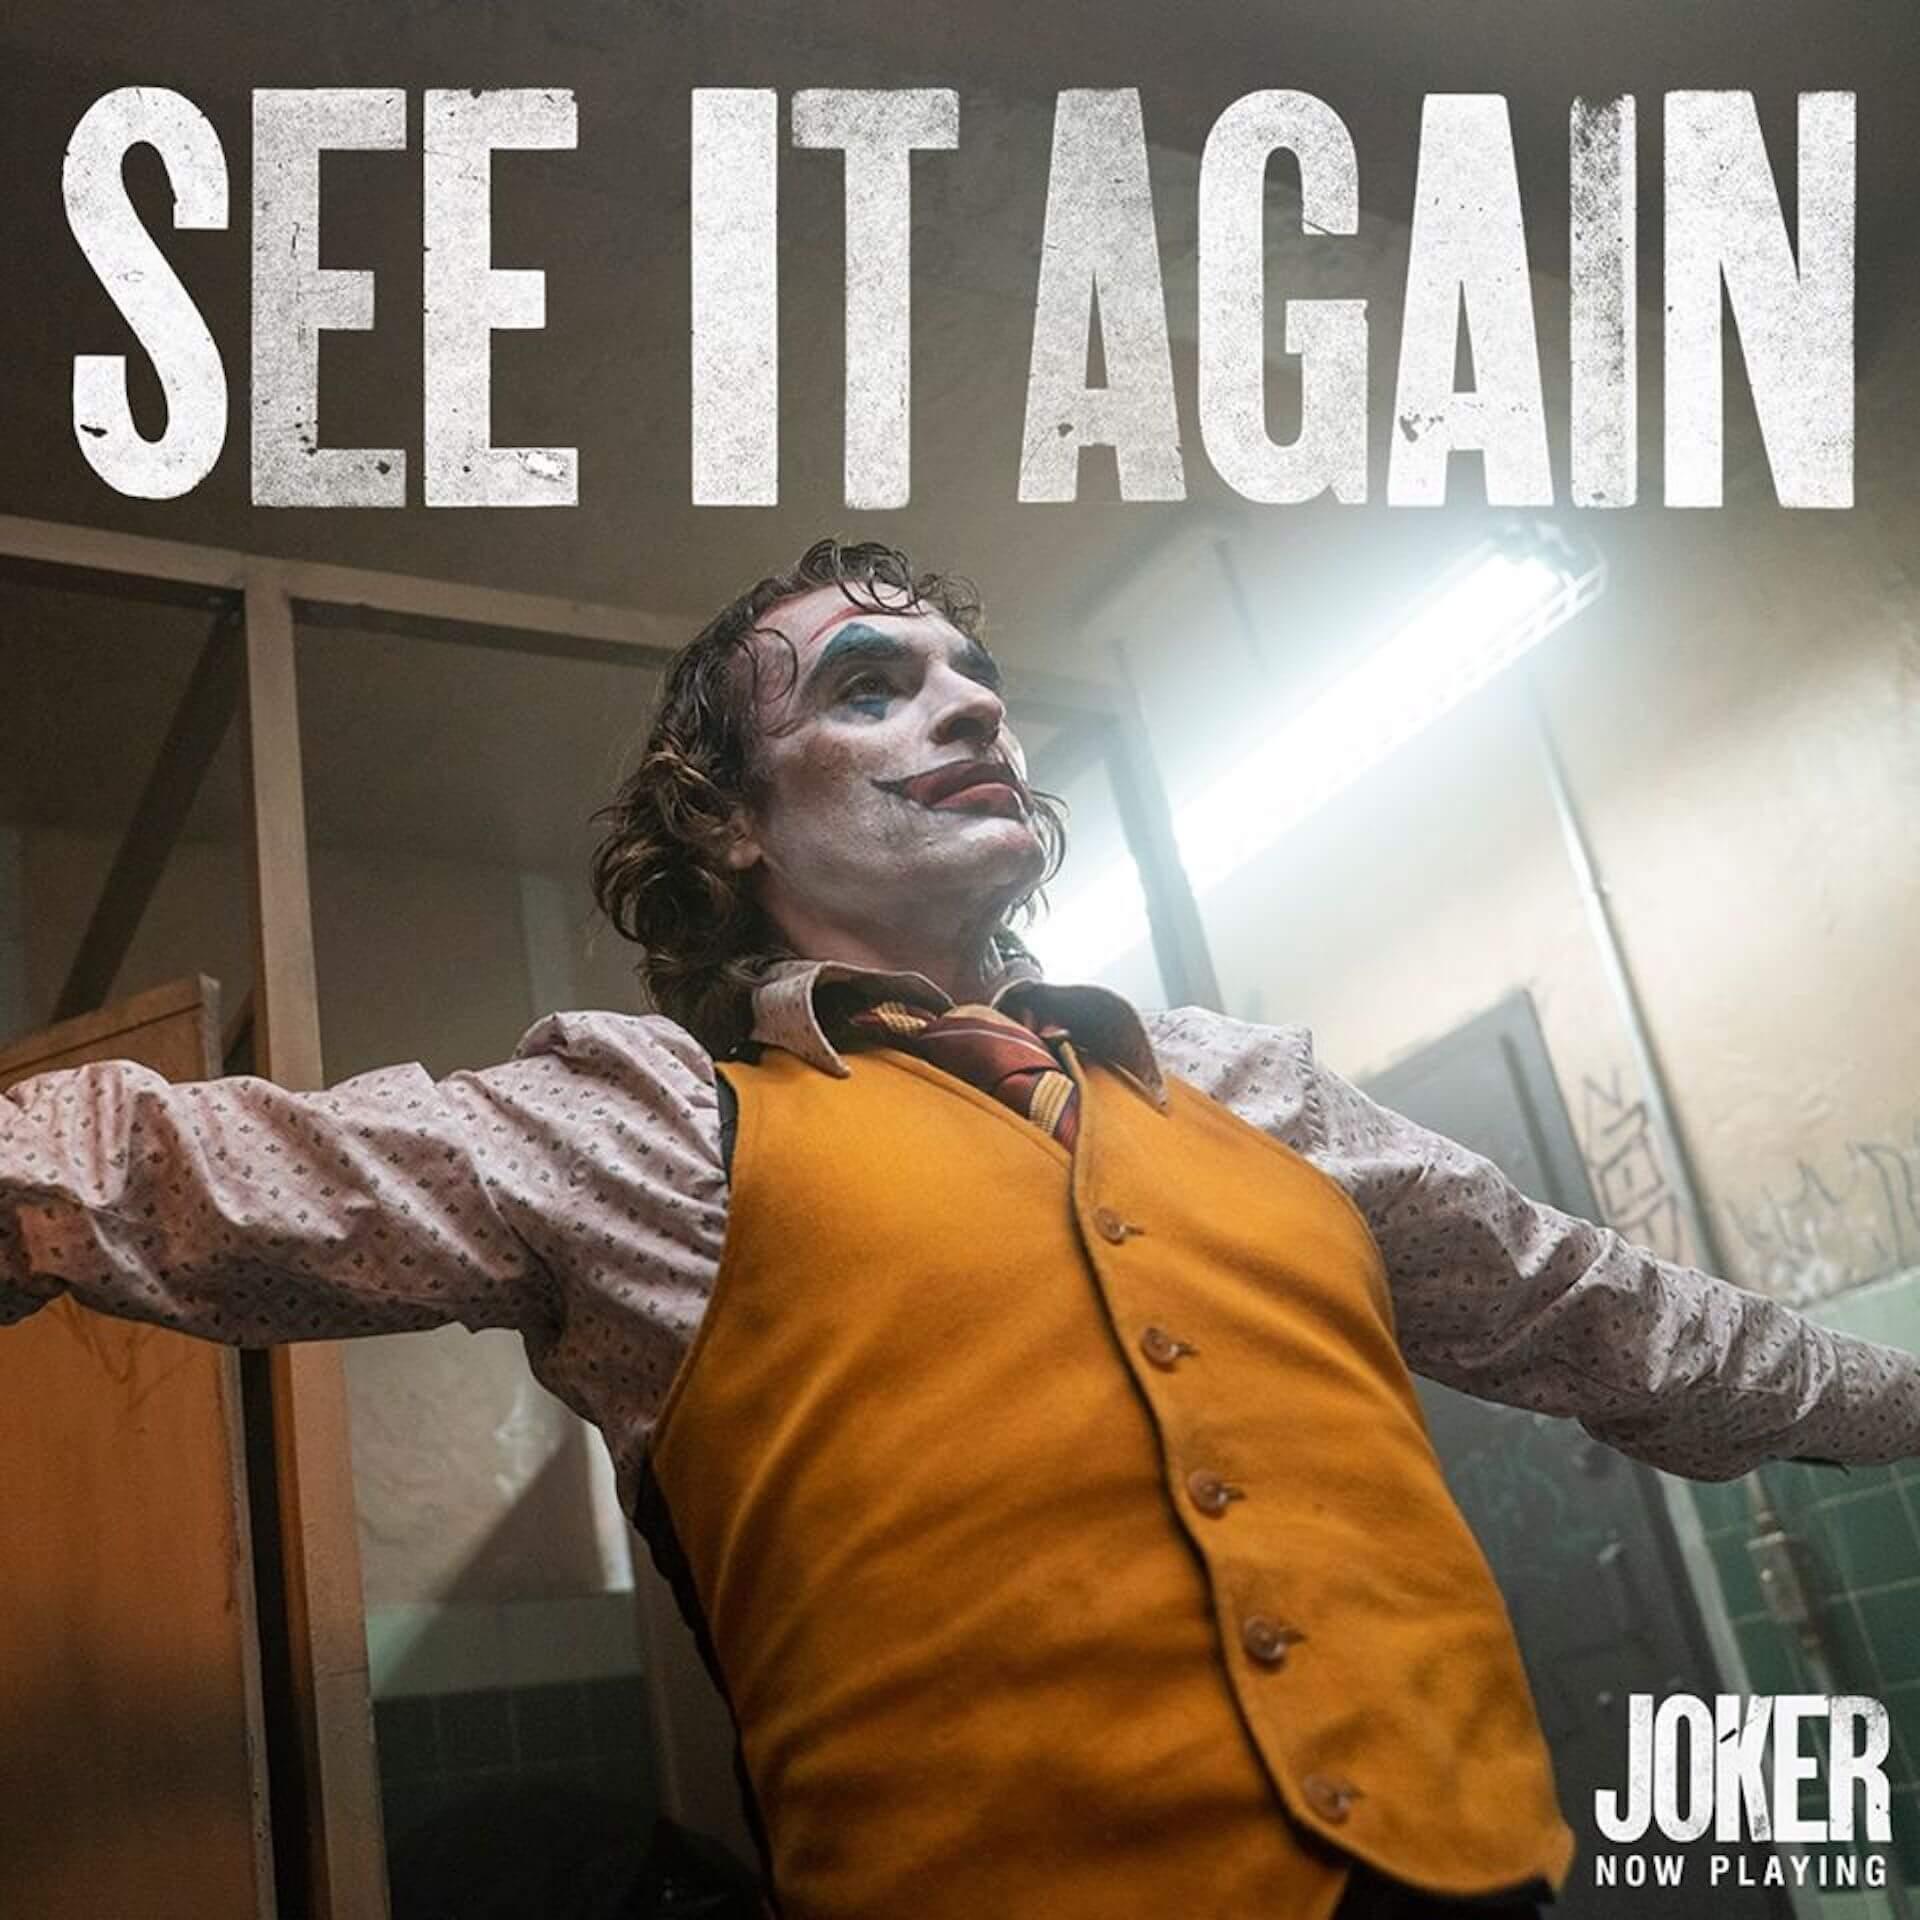 世界を席巻した狂気が再び!『ジョーカー』続編制作決定か|監督トッド・フィリップスが提言? film191121_joker2_main